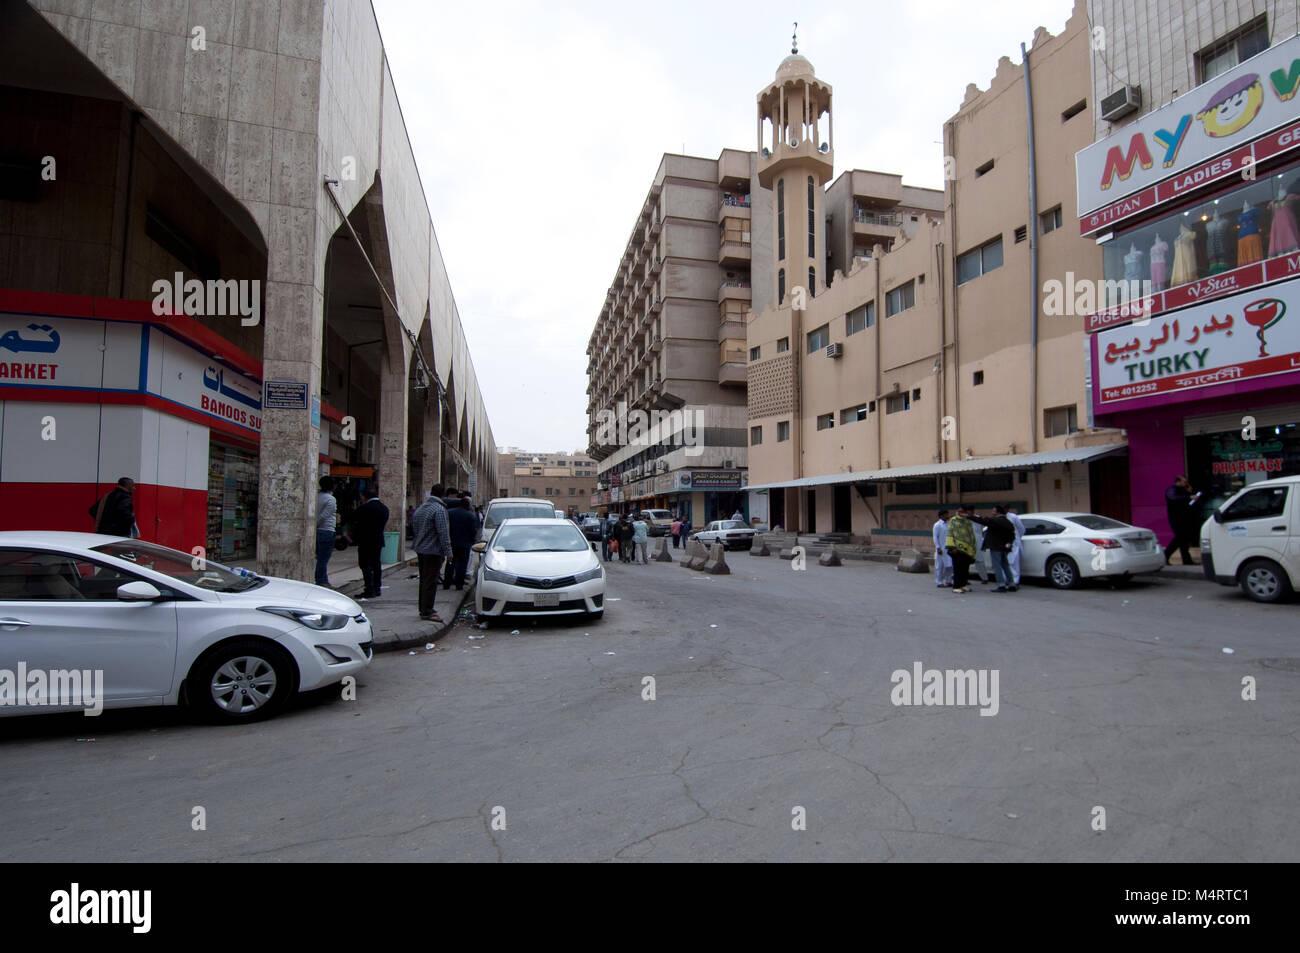 Boutiques et Shoppers dans vieille 'ville',Batha Riyadh Arabie Saoudite, 01.12.2016 Photo Stock